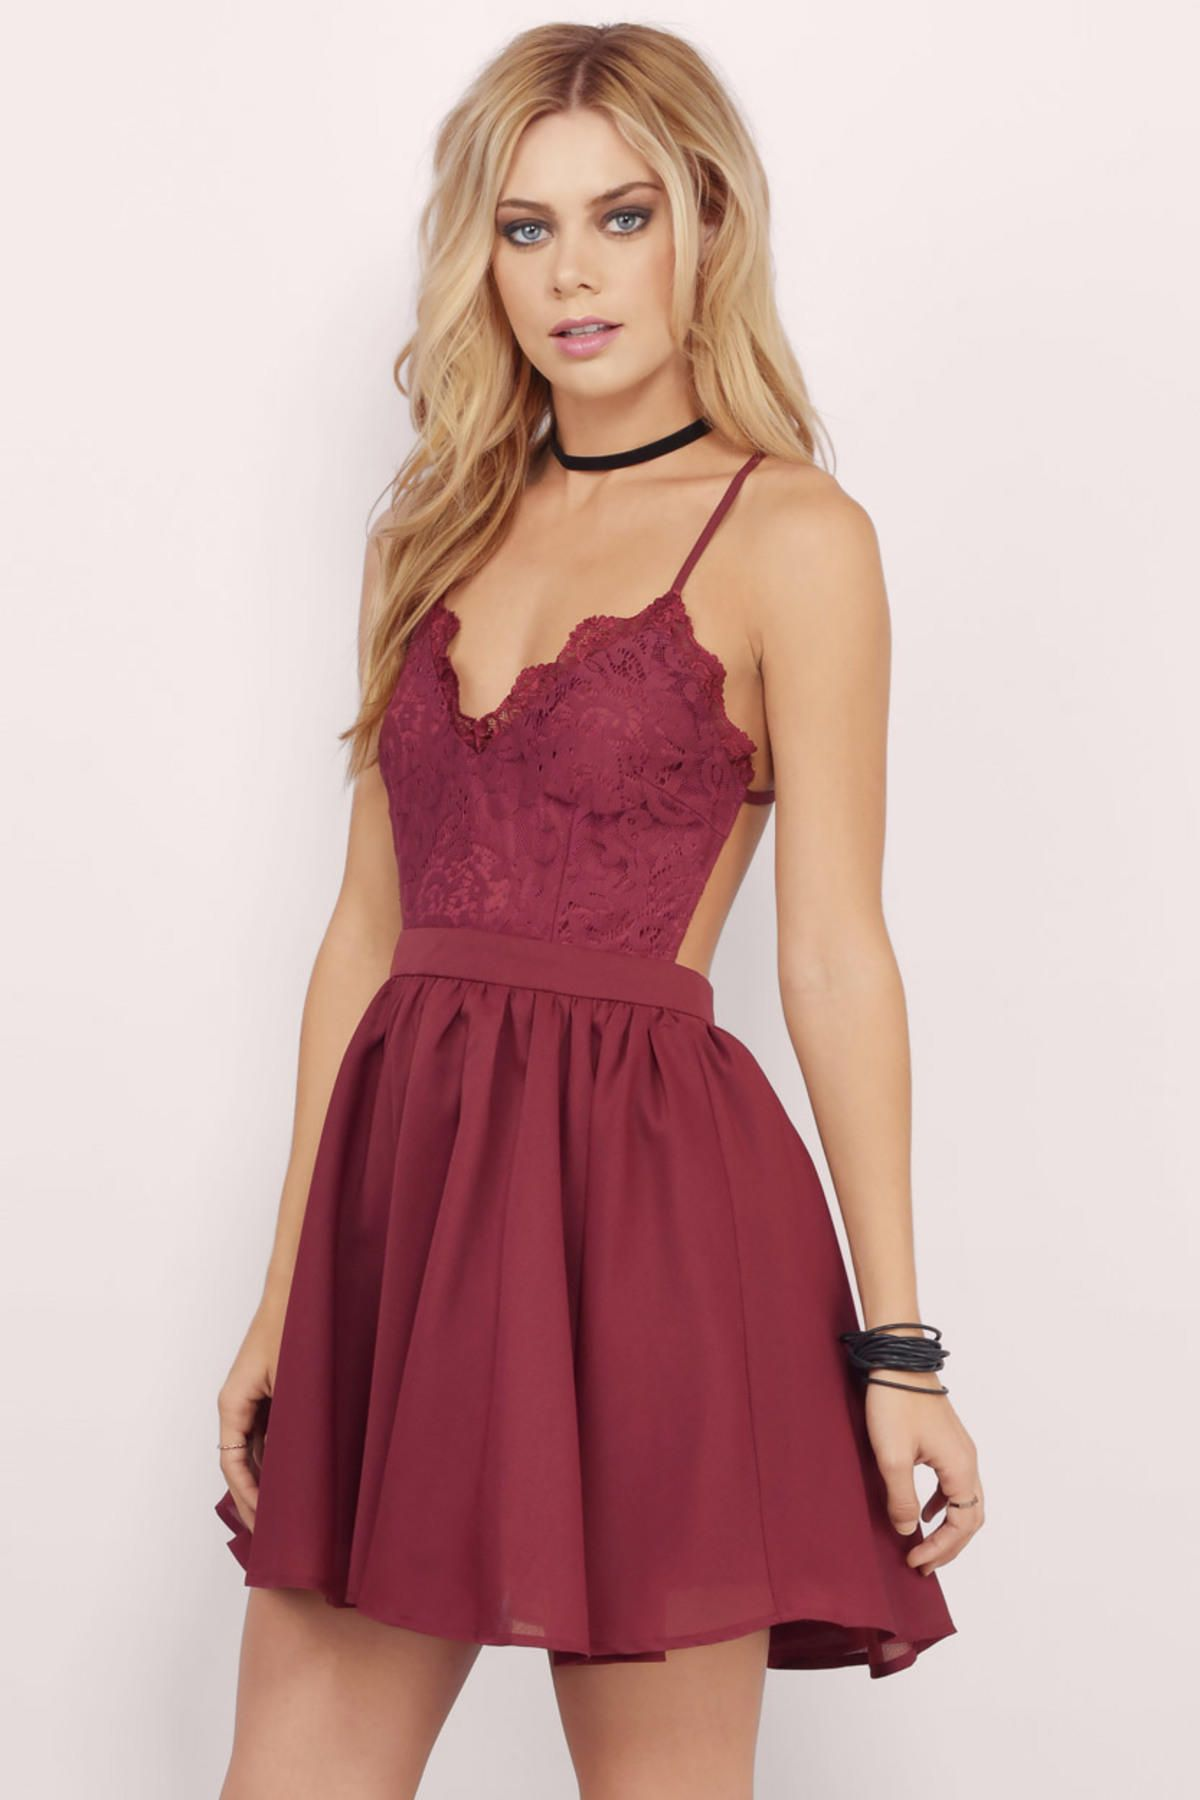 Prom Dresses, Tobi, Burgundy Mila Skater Dress | dresses ...